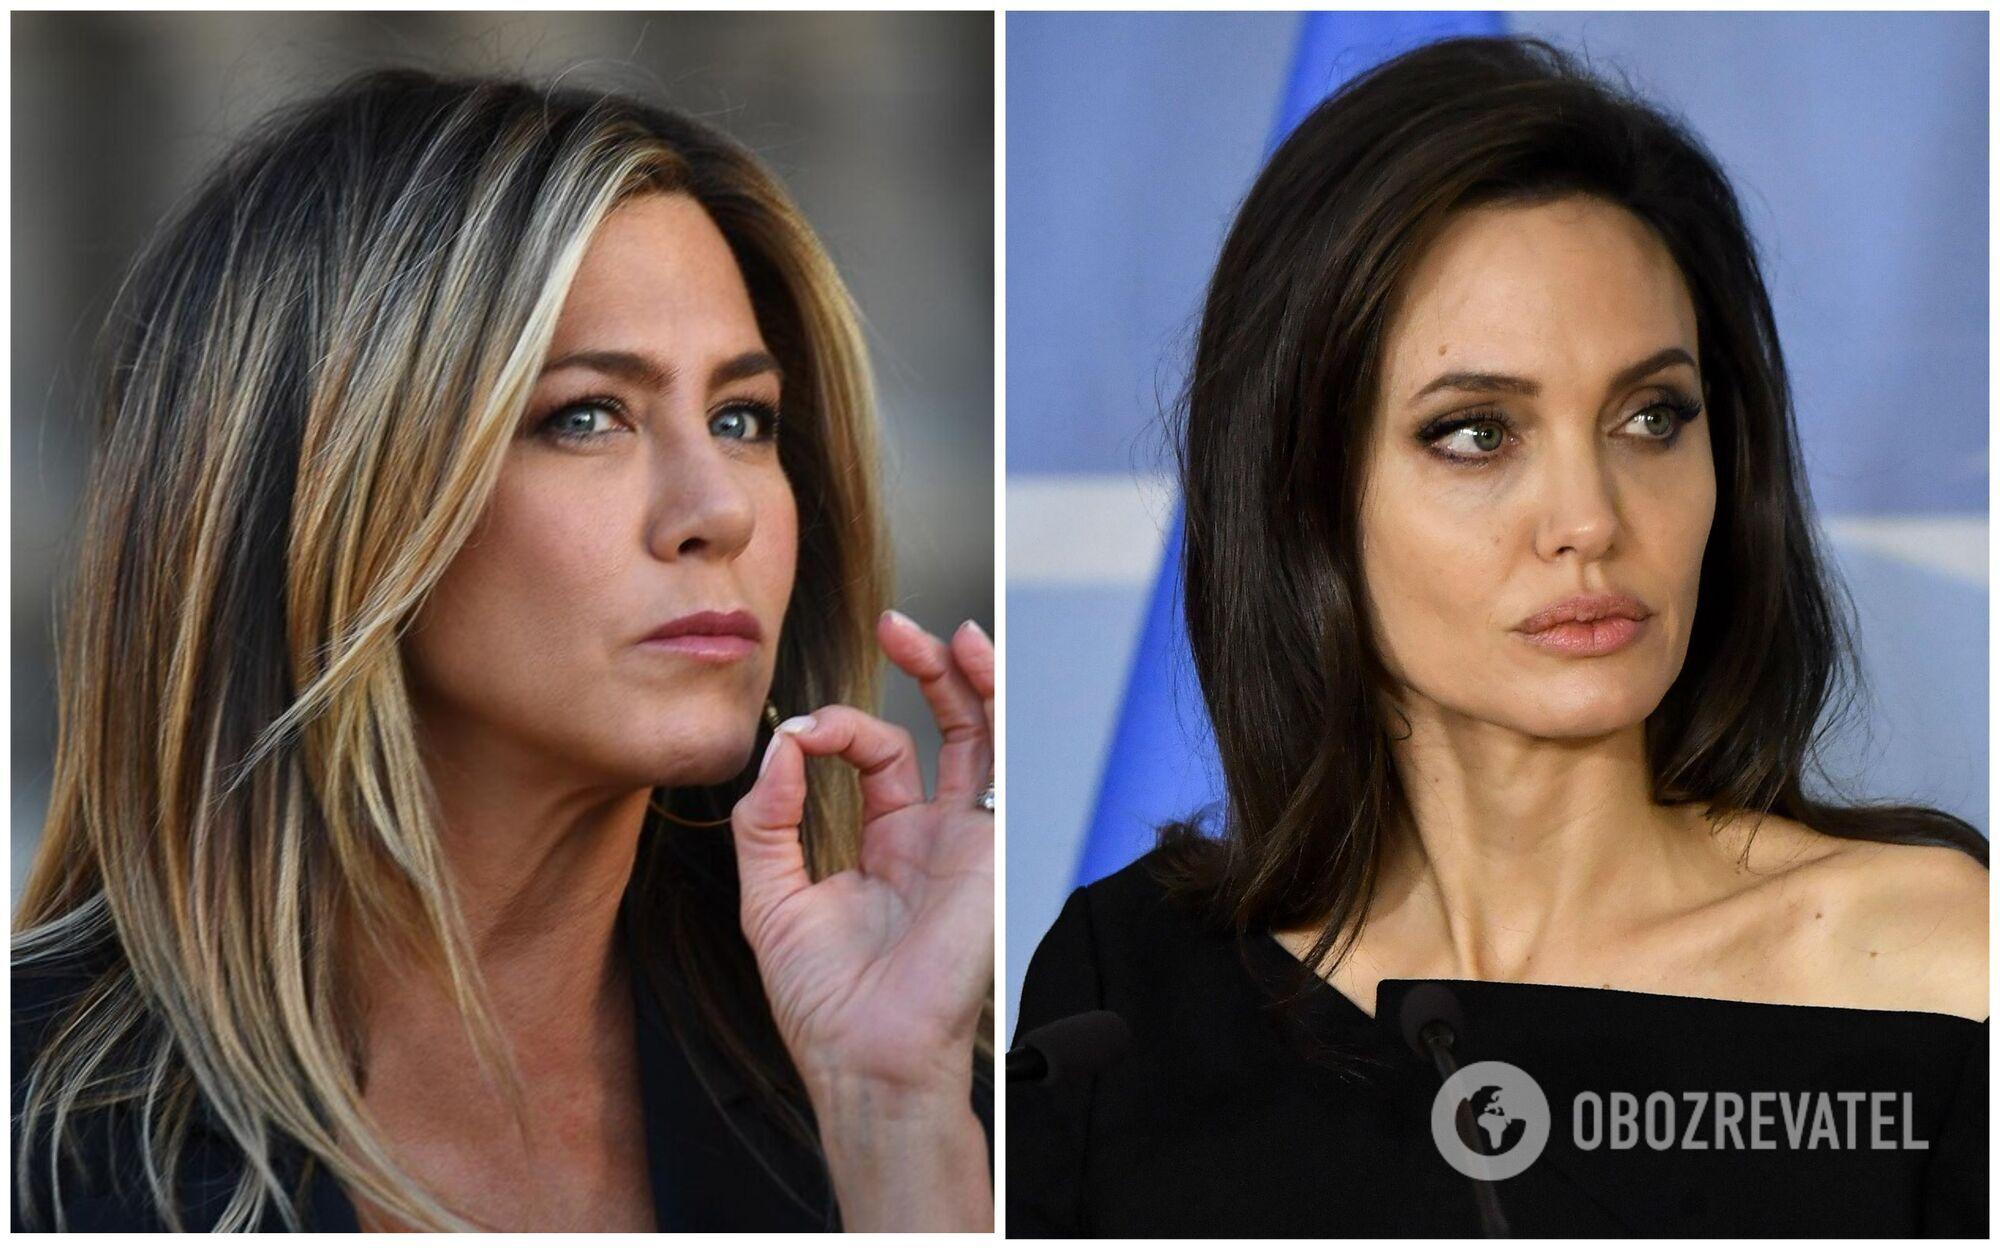 Ворожнеча між Джолі й Еністон триває вже понад десять років